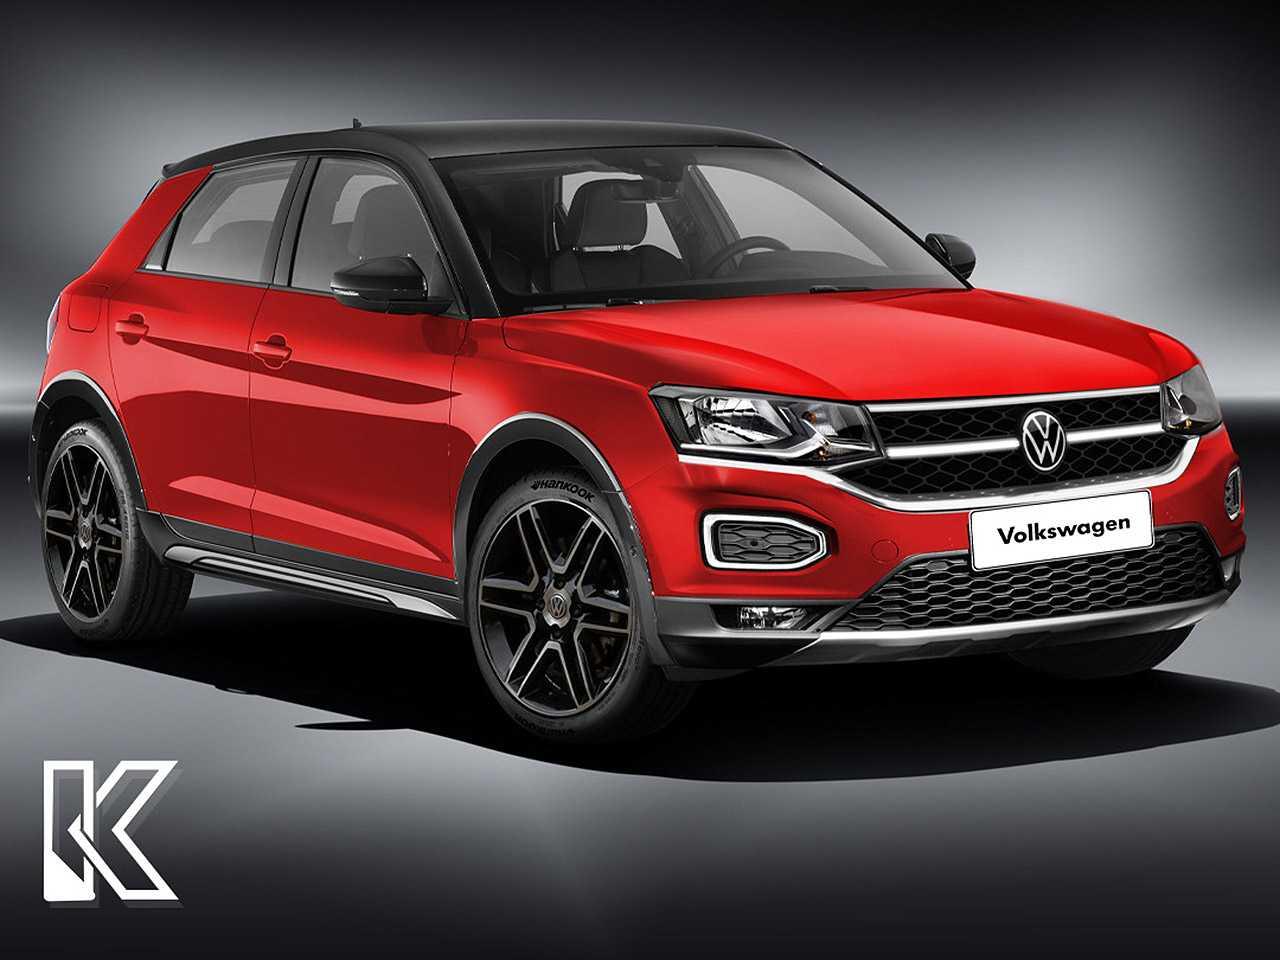 Projeção de Kleber Silva para a próxima geração do VW Gol com a proposta crossover